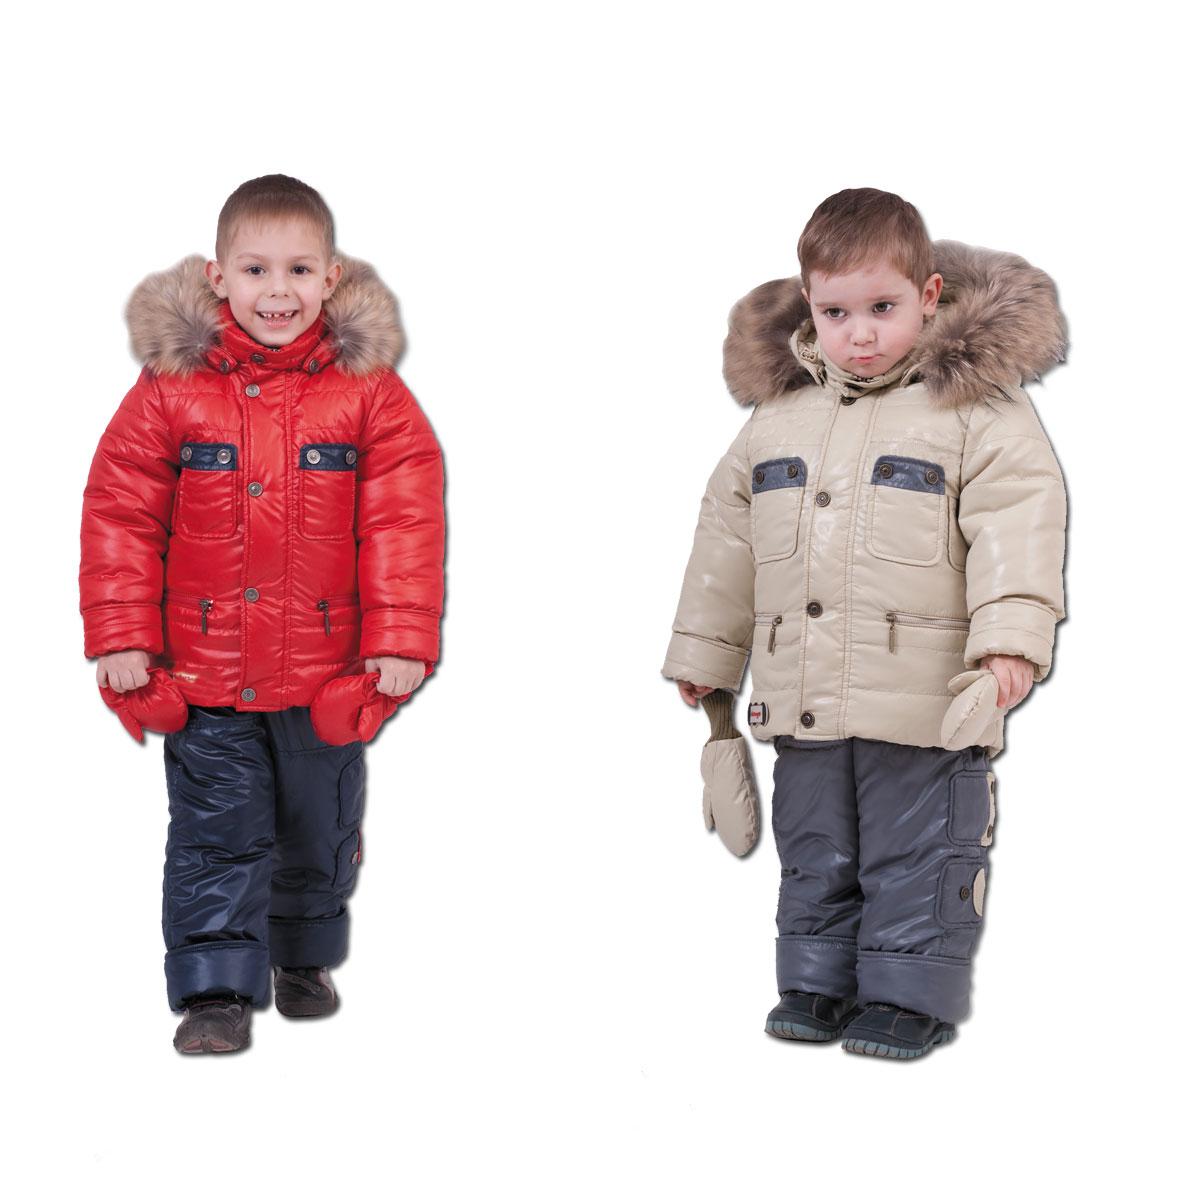 Купить Зимнюю Куртку Для Прогулки С Ребенком